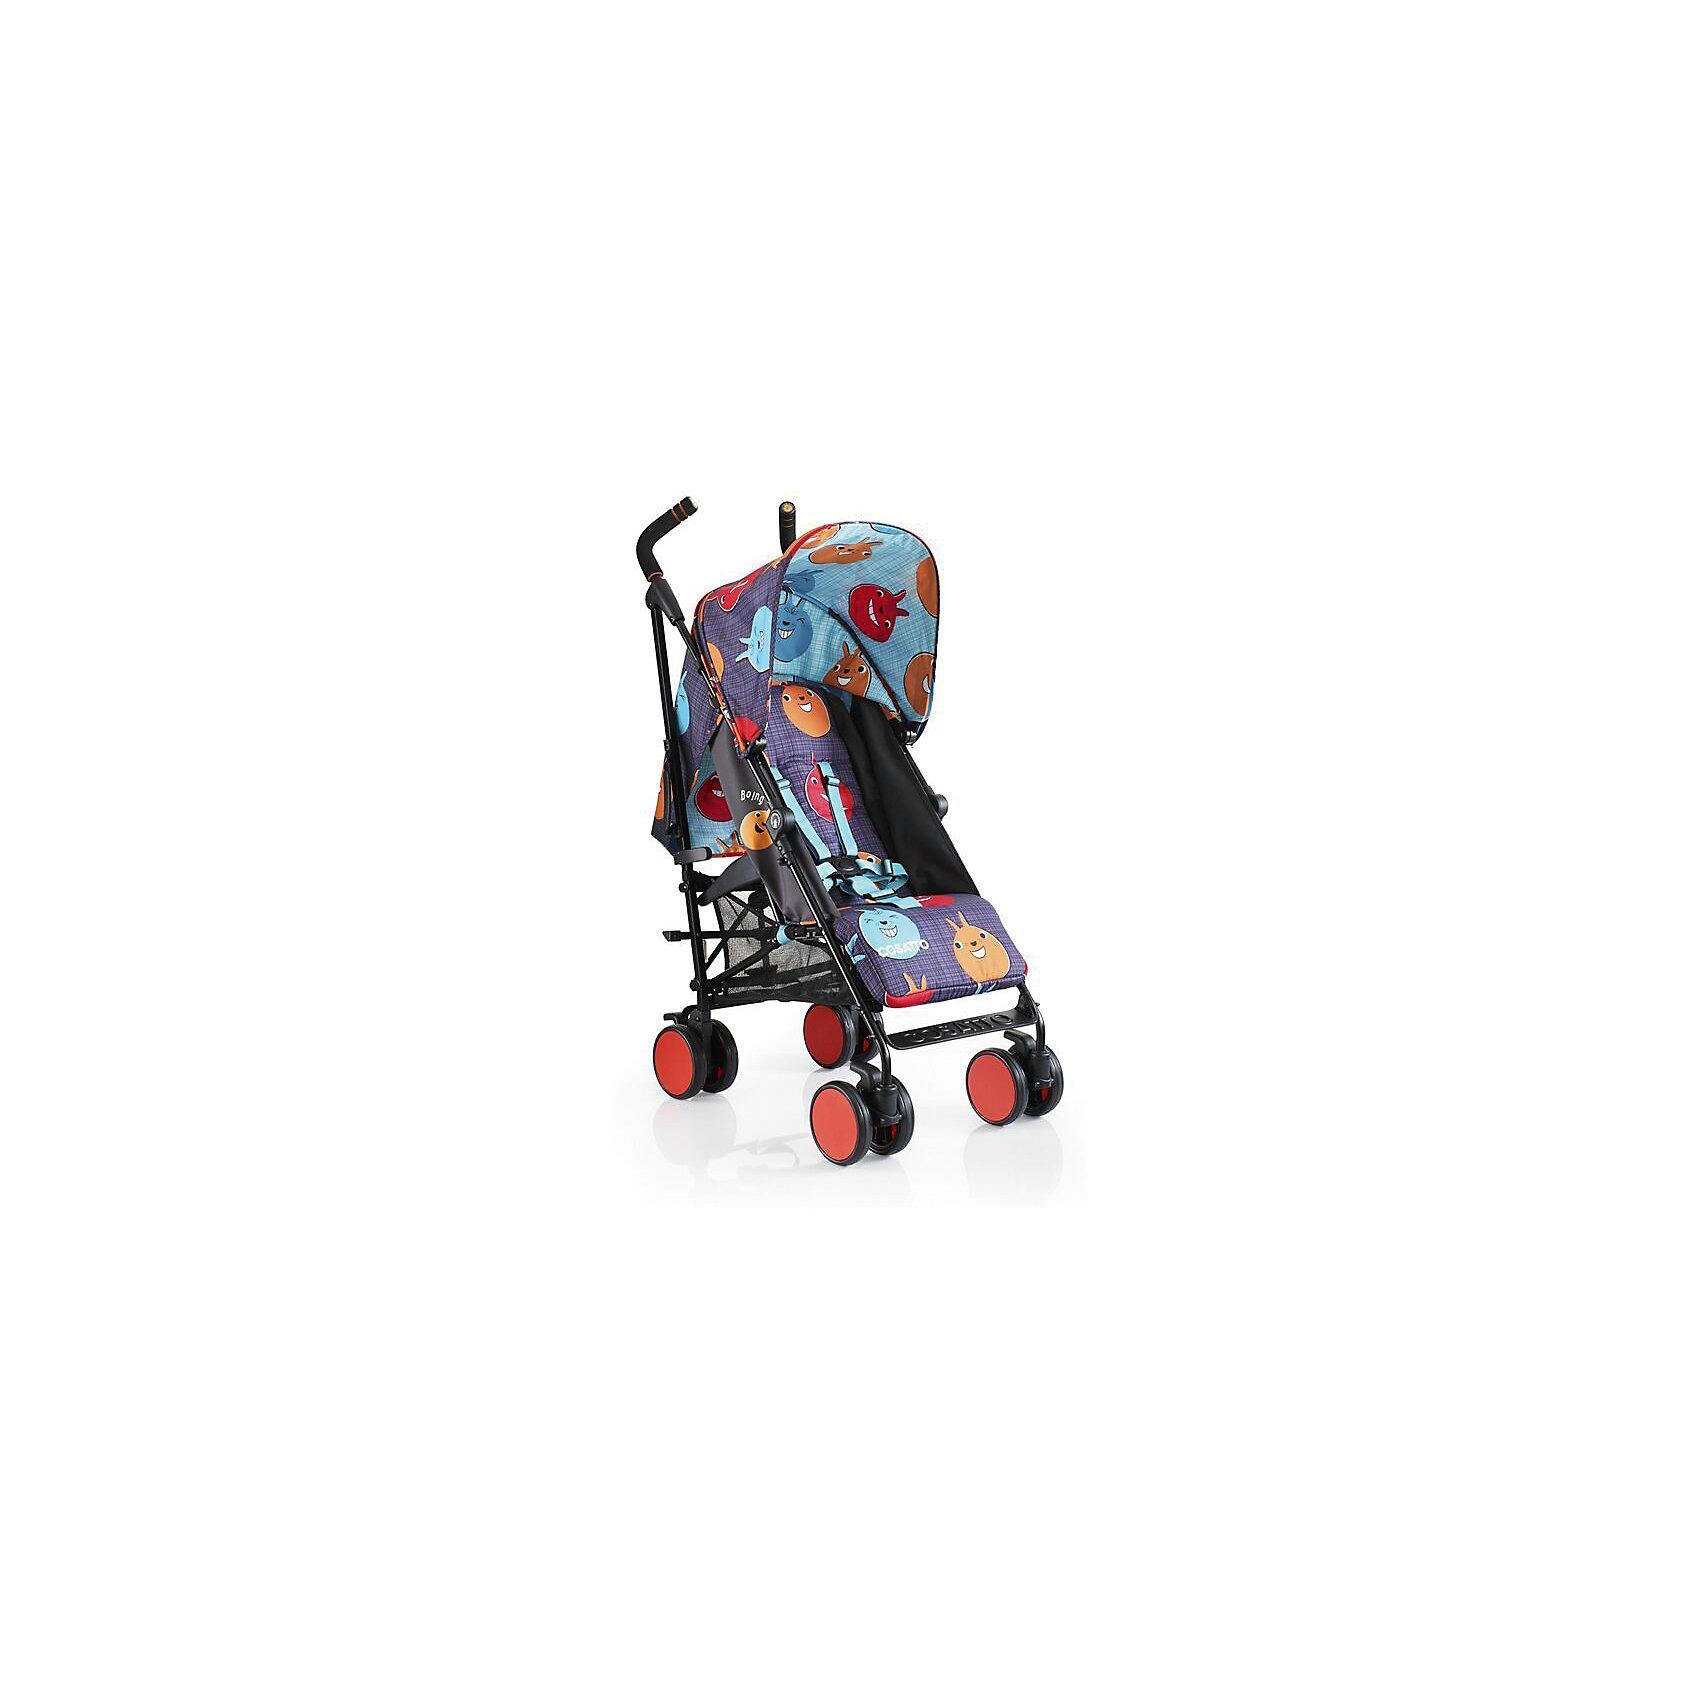 Коляска-трость Cosatto Supa Go, HoppitКоляски-трости<br>Стильная коляска станет для родителей не только незаменимой вещью, но и стильным аксессуаром. Функциональность, дизайн и маневренность – все это – новая модель от Cosatto. Все материалы, использованные при изготовлении, безопасны и отвечают требованиям по качеству продукции.<br><br>Дополнительные характеристики: <br><br>возраст: 6 месяцев – 3 года;<br>регулируемый капюшон;<br>механизм складывания: трость;<br>регулировка спинки;<br>ножной тормоз;<br>пятиточечные ремни безопасности;<br>габариты: 78 х 48,5 х 110 см;<br>материал шасси: алюминий;<br>комплектация: дождевик<br><br>ВНИМАНИЕ!!! В комплектацию коляски не входит бампер, его можно купить отдельно.<br><br>Коляску-трость SUPA Go от компании Cosatto можно приобрести в нашем магазине.<br><br>Яркие и стильные расцветки коляски поднимут вам настроение. Регулируемый капюшон и спинка. Без бампера<br><br>Ширина мм: 1120<br>Глубина мм: 280<br>Высота мм: 280<br>Вес г: 12000<br>Возраст от месяцев: 6<br>Возраст до месяцев: 36<br>Пол: Унисекс<br>Возраст: Детский<br>SKU: 5025716